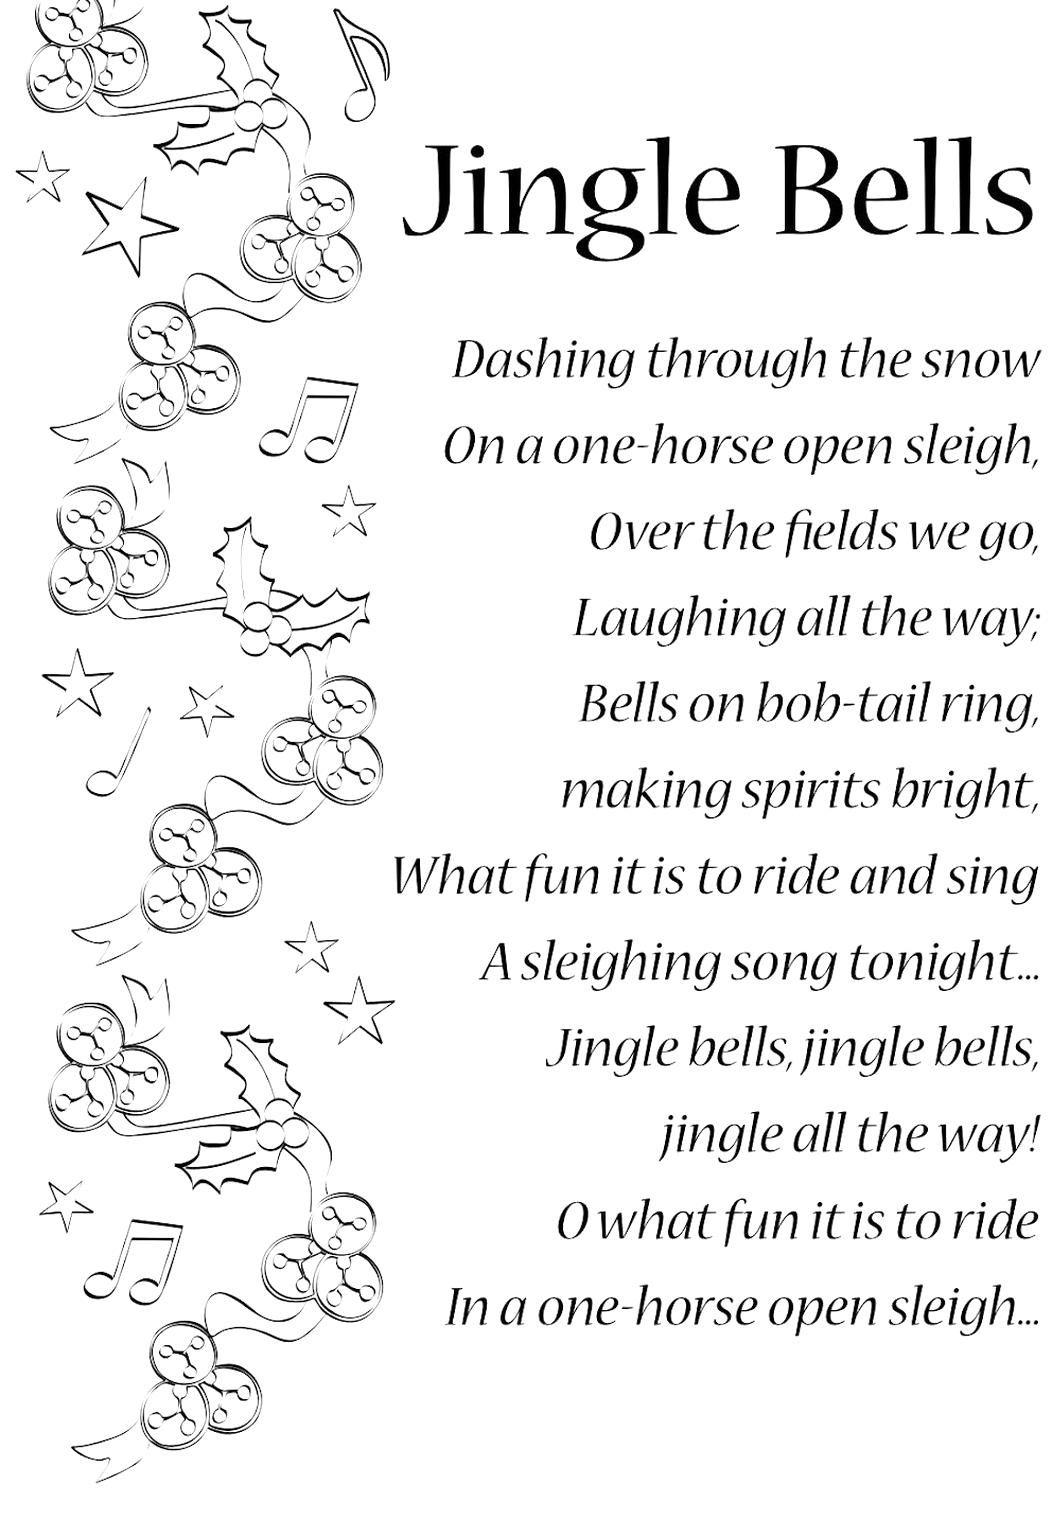 Lyrics To Jingle Bells English Songs And Rhymes Lyrics In 2020 Christmas Songs Lyrics Christmas Lyrics Christmas Carols Lyrics